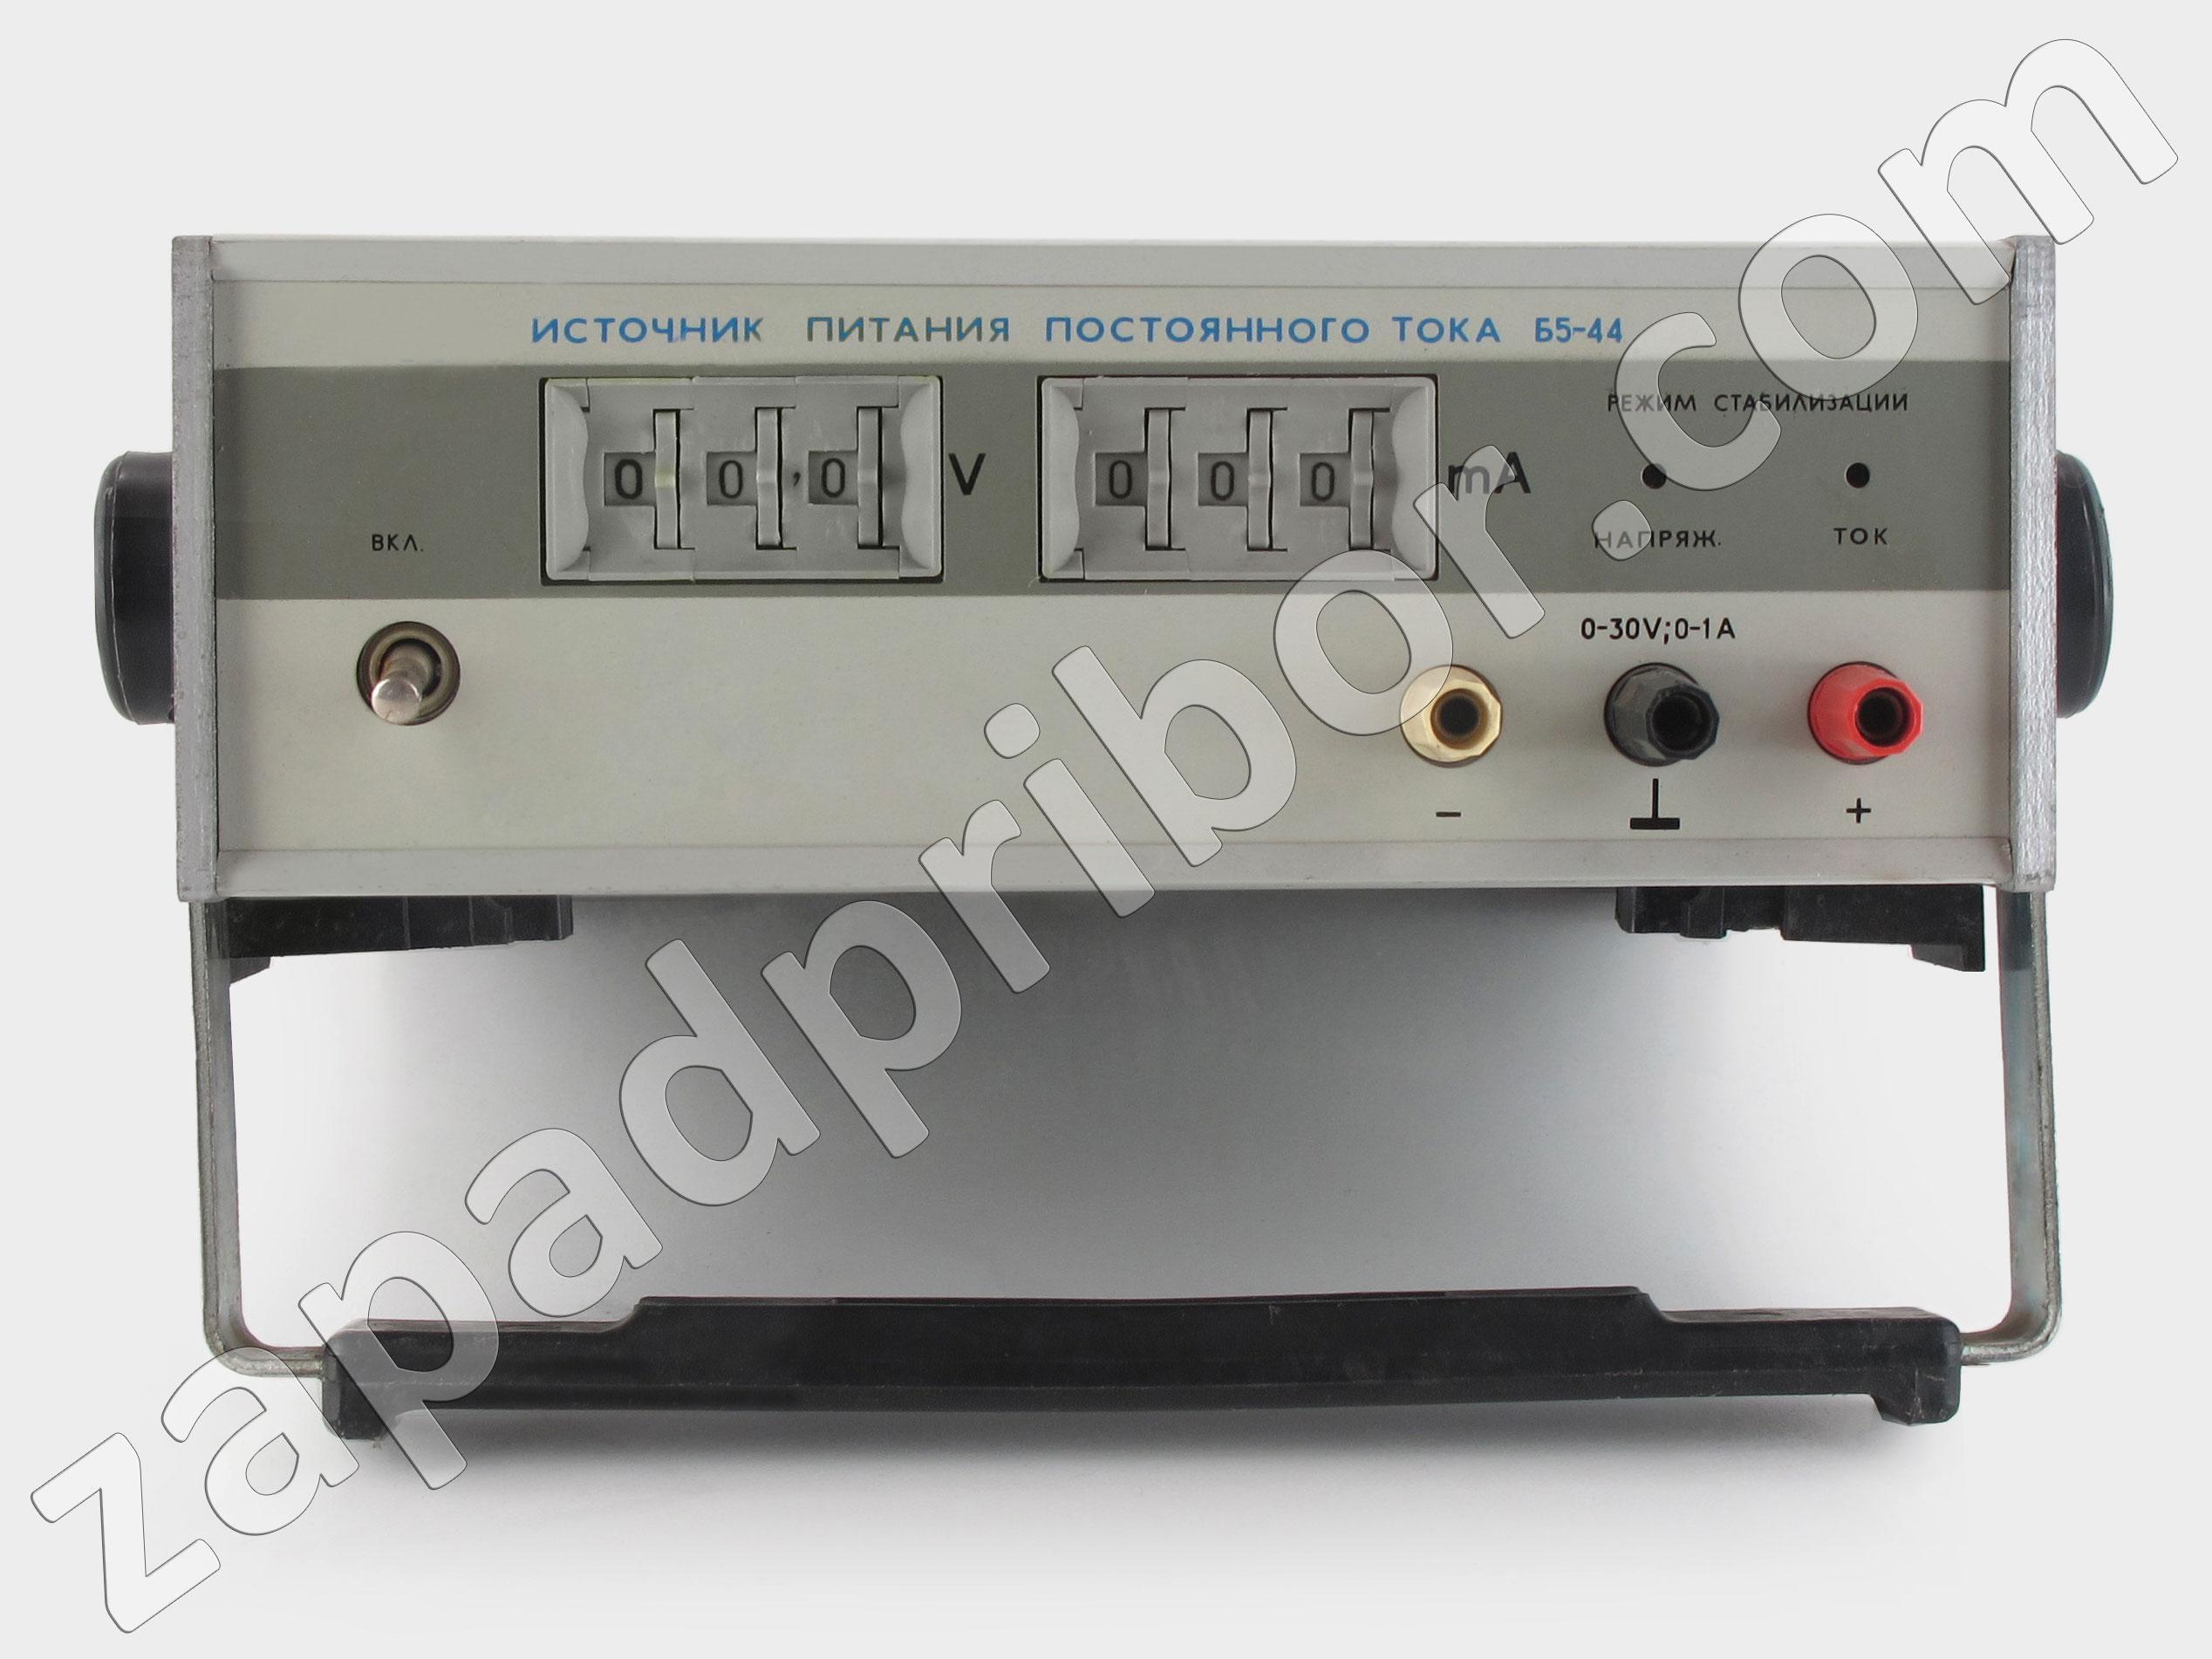 схема устройство мп 44 фото